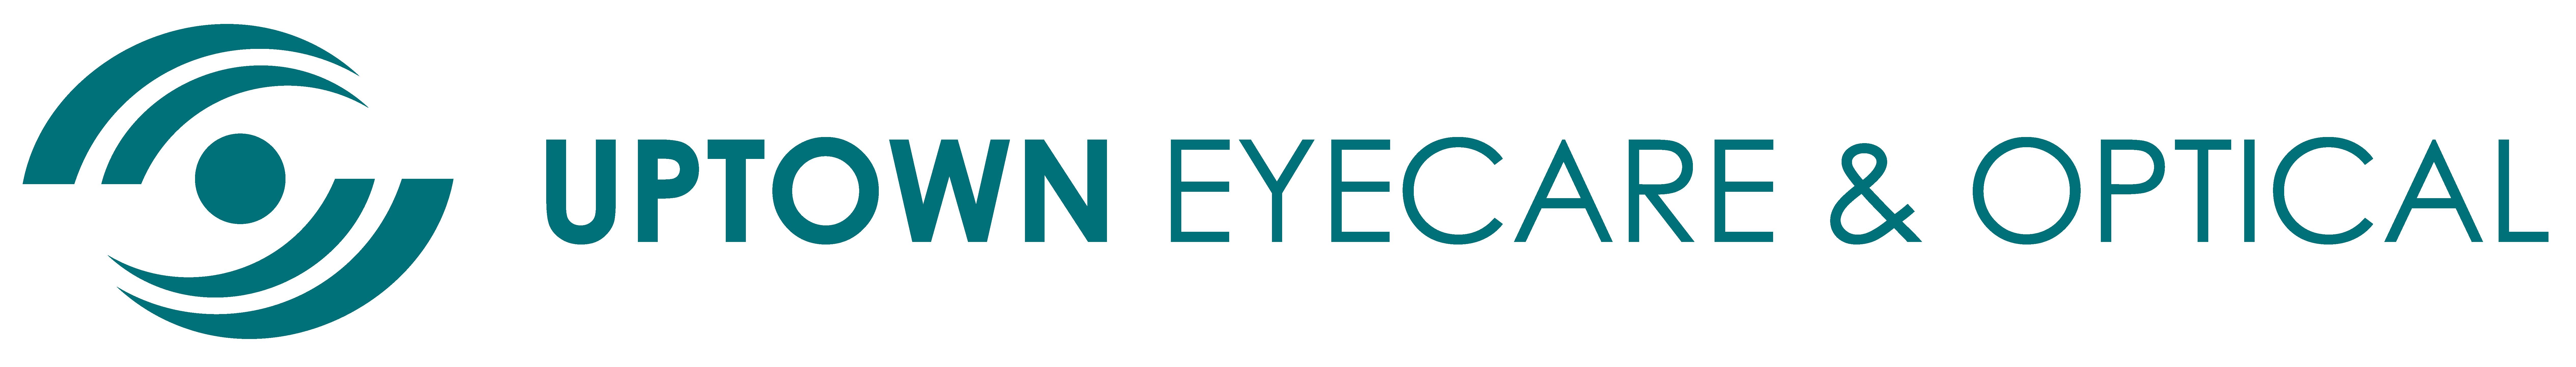 Uptown EyeCare & Optical, P.C.